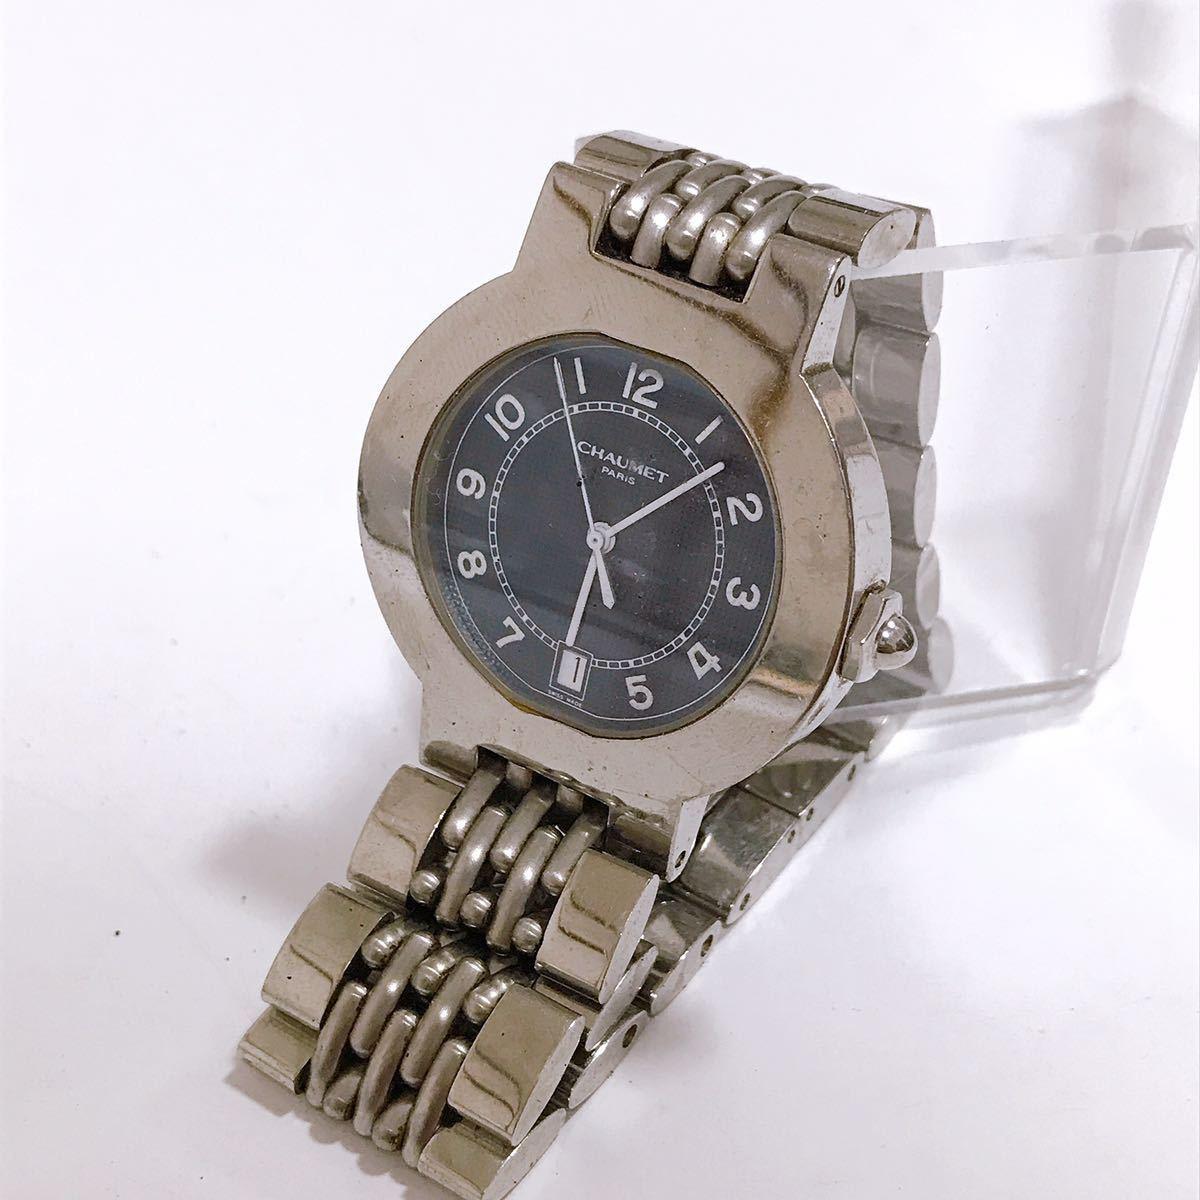 【ジャンク品】ショーメ CHAUMET PARIS 腕時計 メンズ レディース ユニセックス_画像1